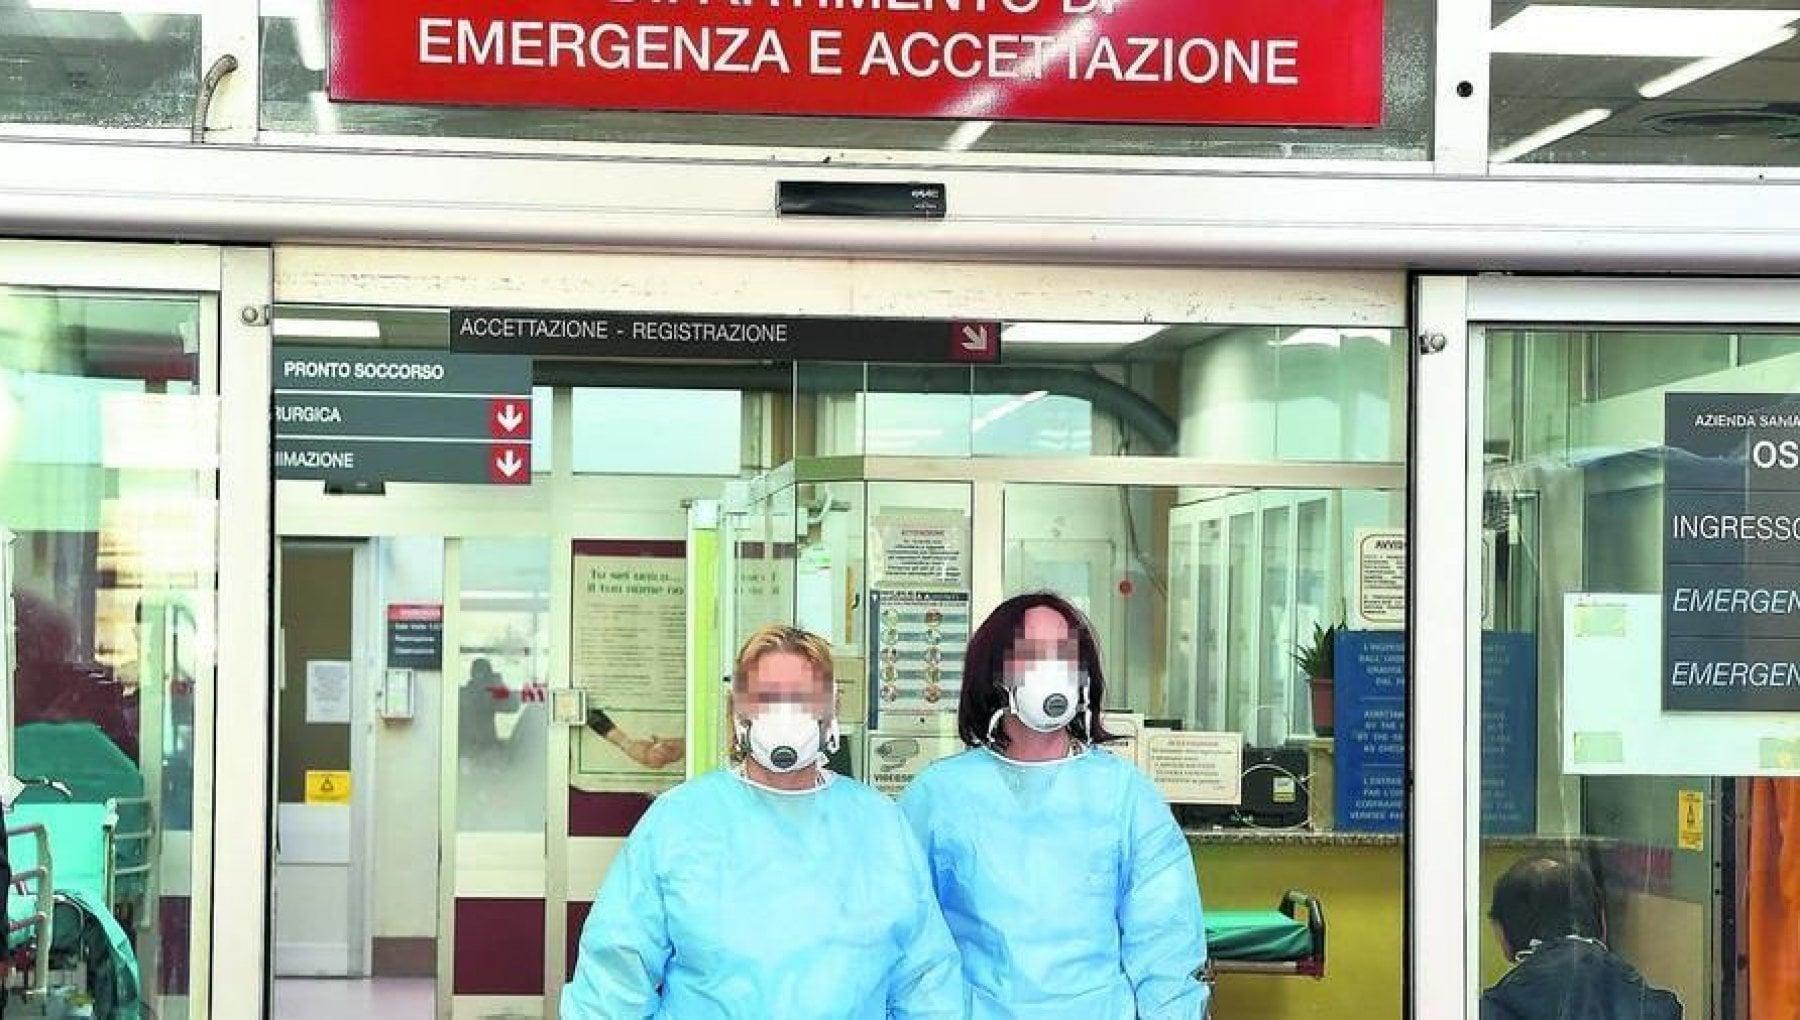 194114094 ccd03d54 d49e 4f67 ad7d 8026f5947c52 - Molinette di Torino, inchiesta di Procura e Nas per epidemia dopo tre morti in reparto per il Covid